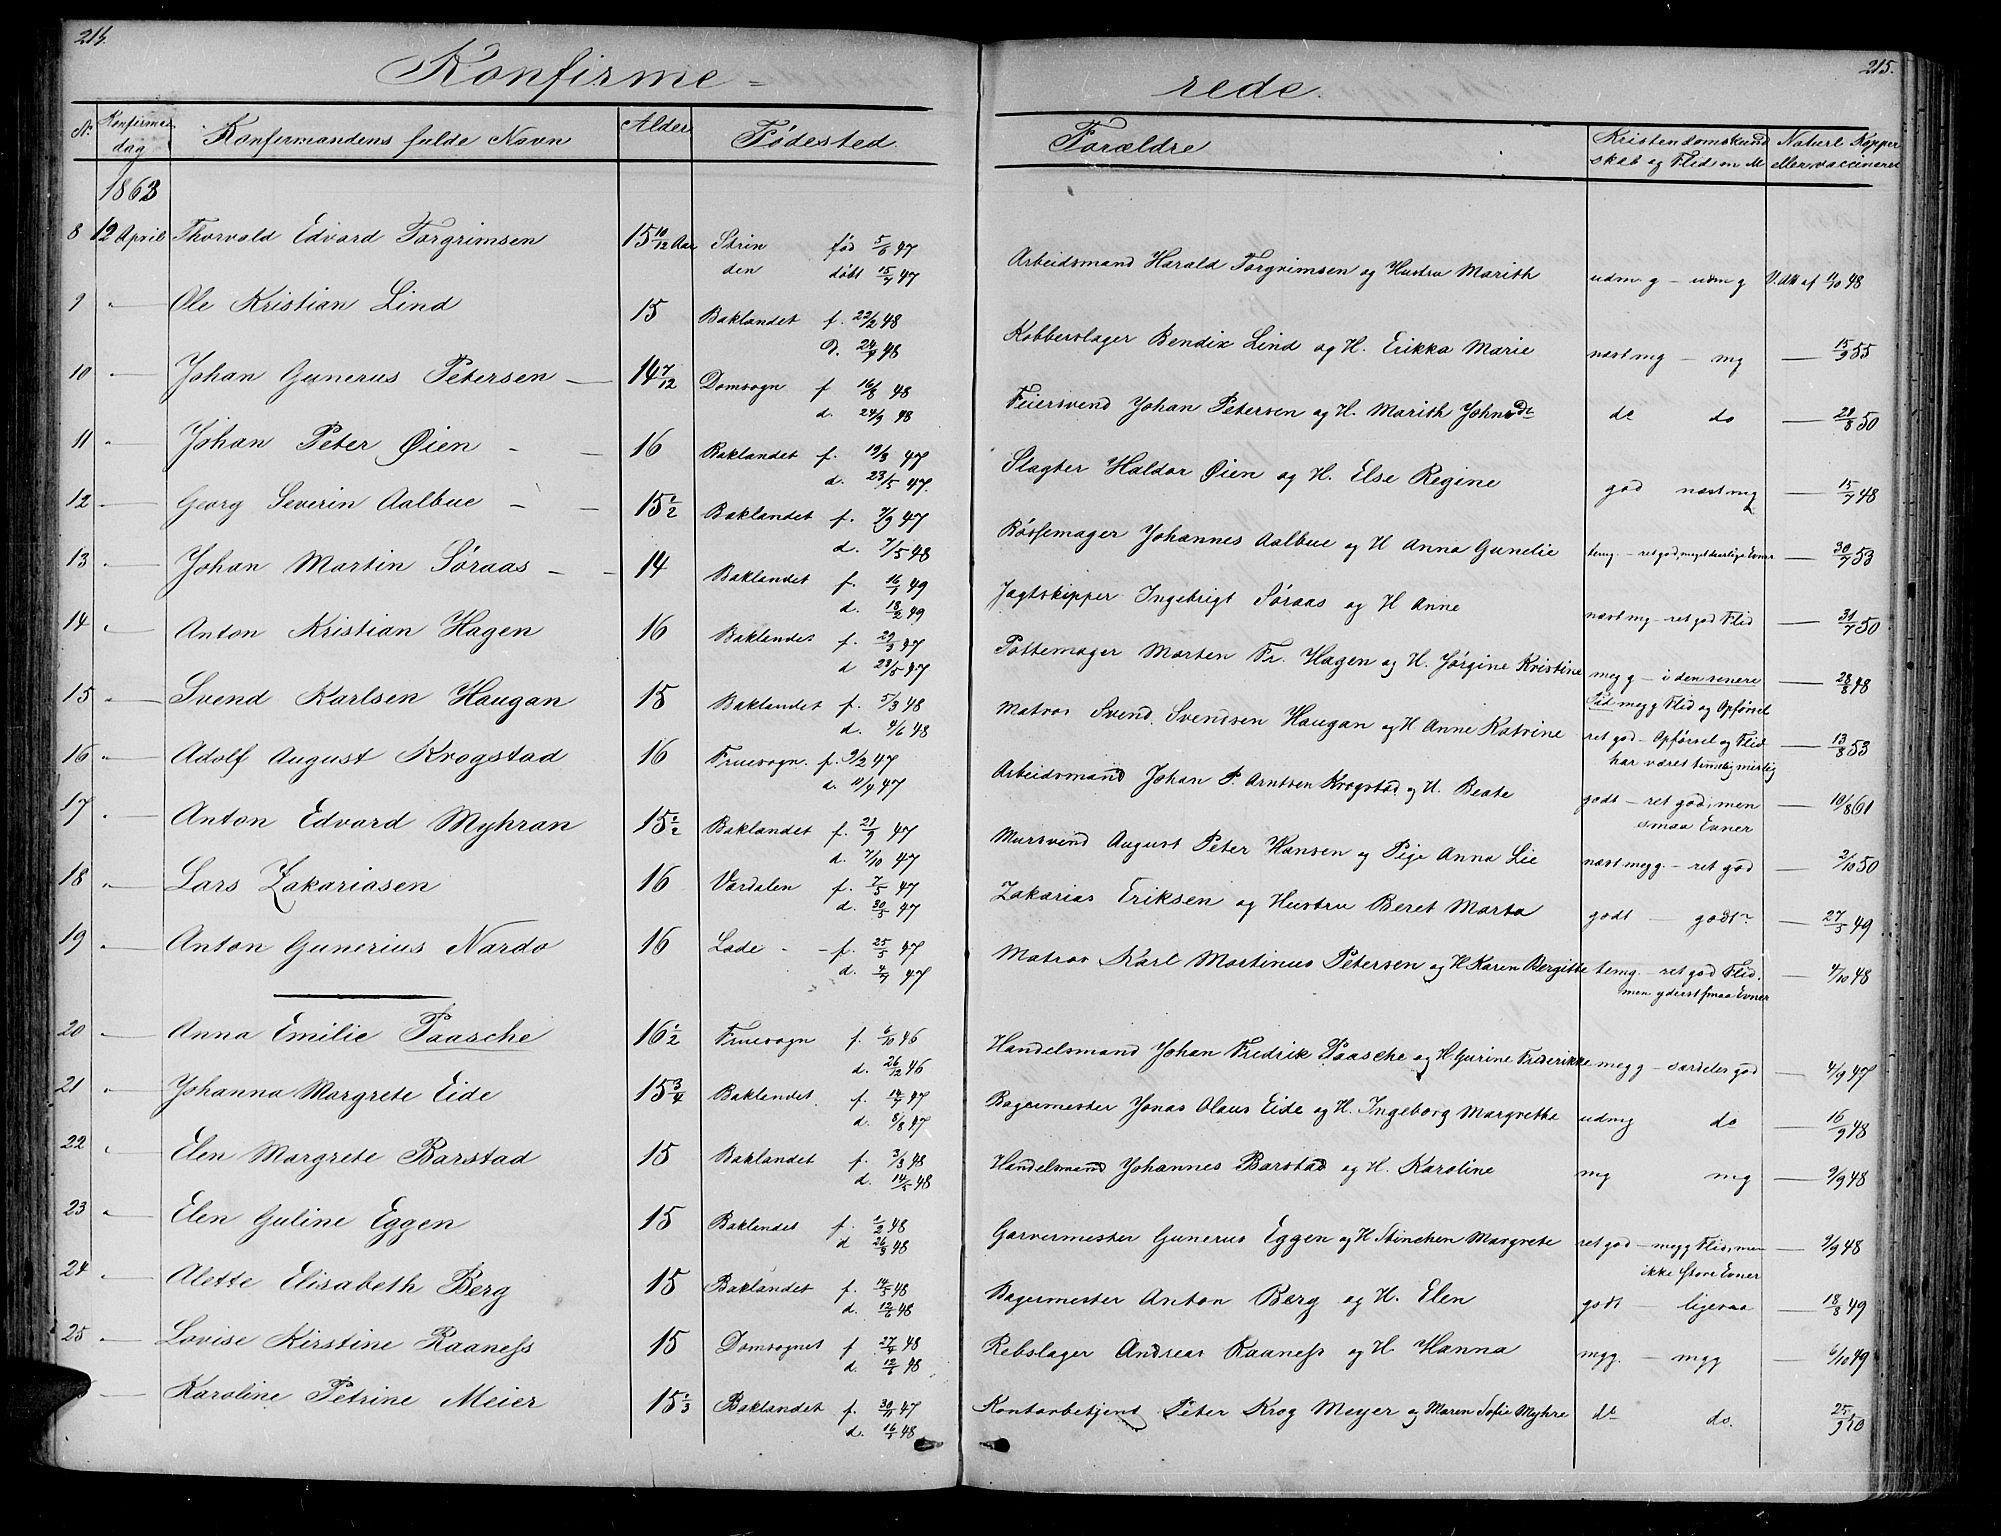 SAT, Ministerialprotokoller, klokkerbøker og fødselsregistre - Sør-Trøndelag, 604/L0219: Klokkerbok nr. 604C02, 1851-1869, s. 214-215